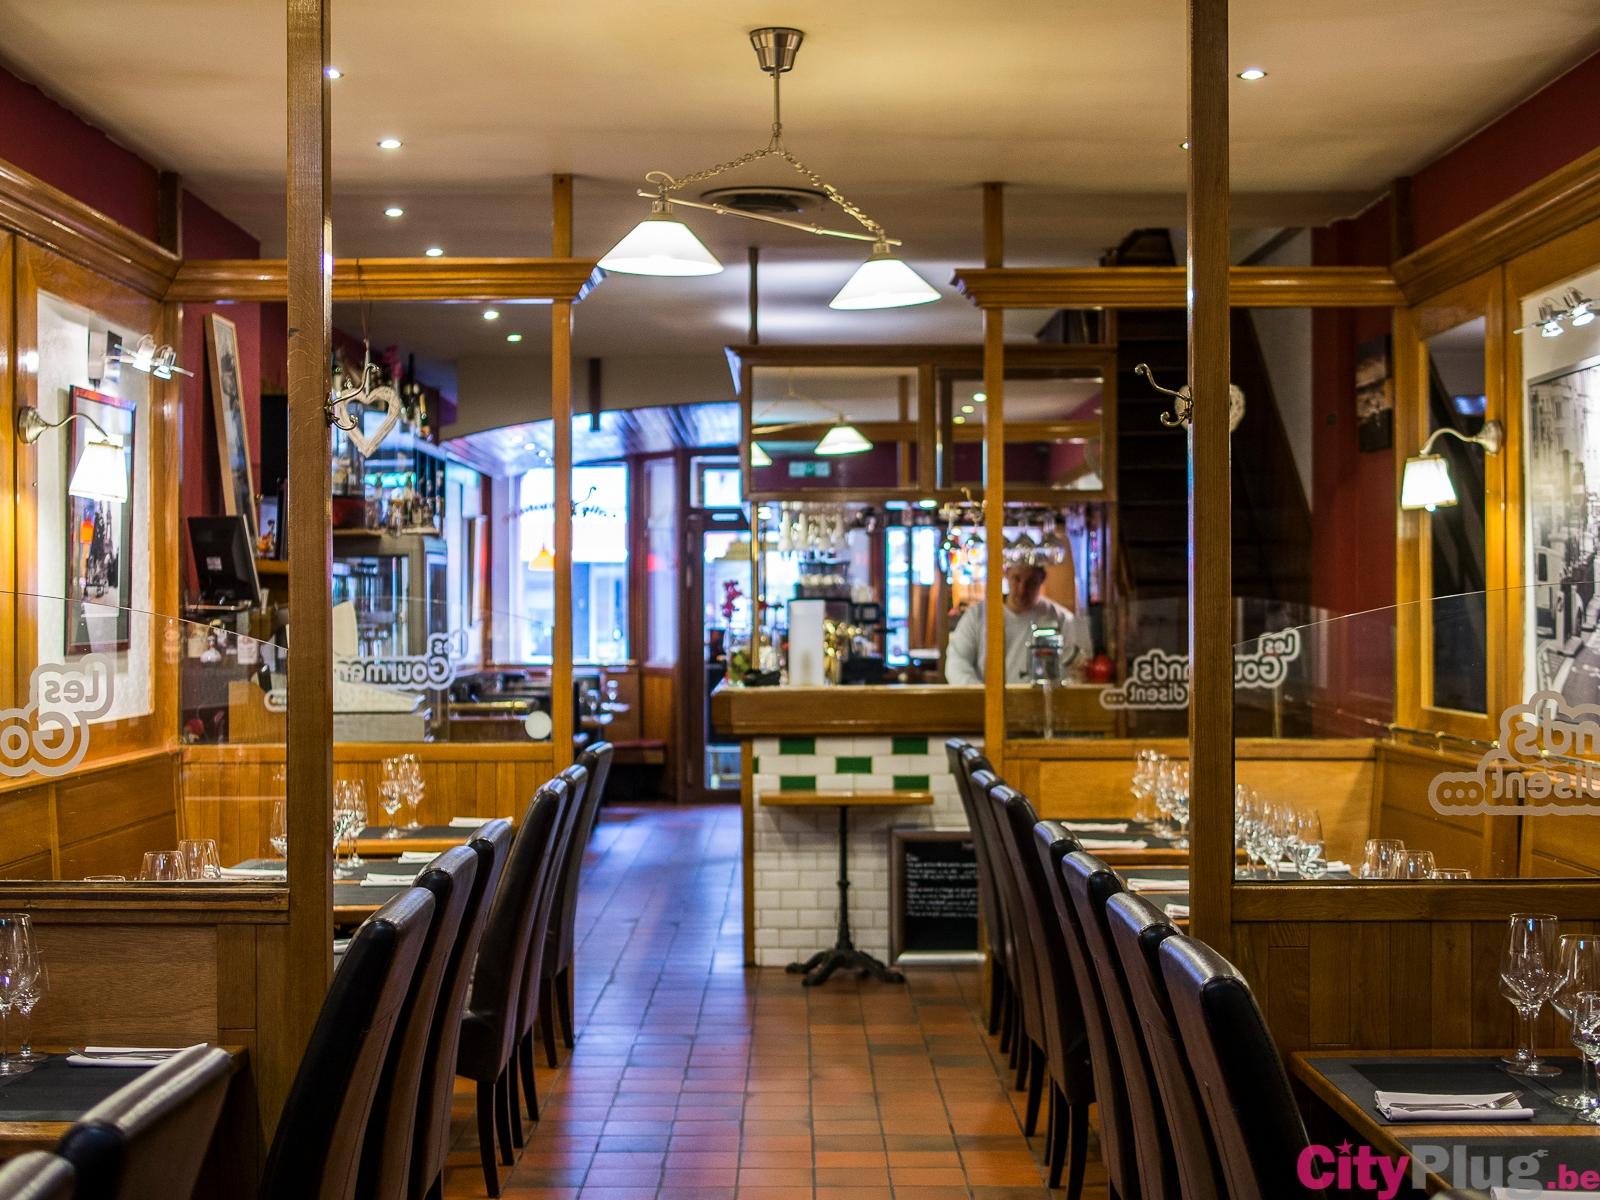 Les gourmands disent - Restaurant cuisine belge bruxelles ...